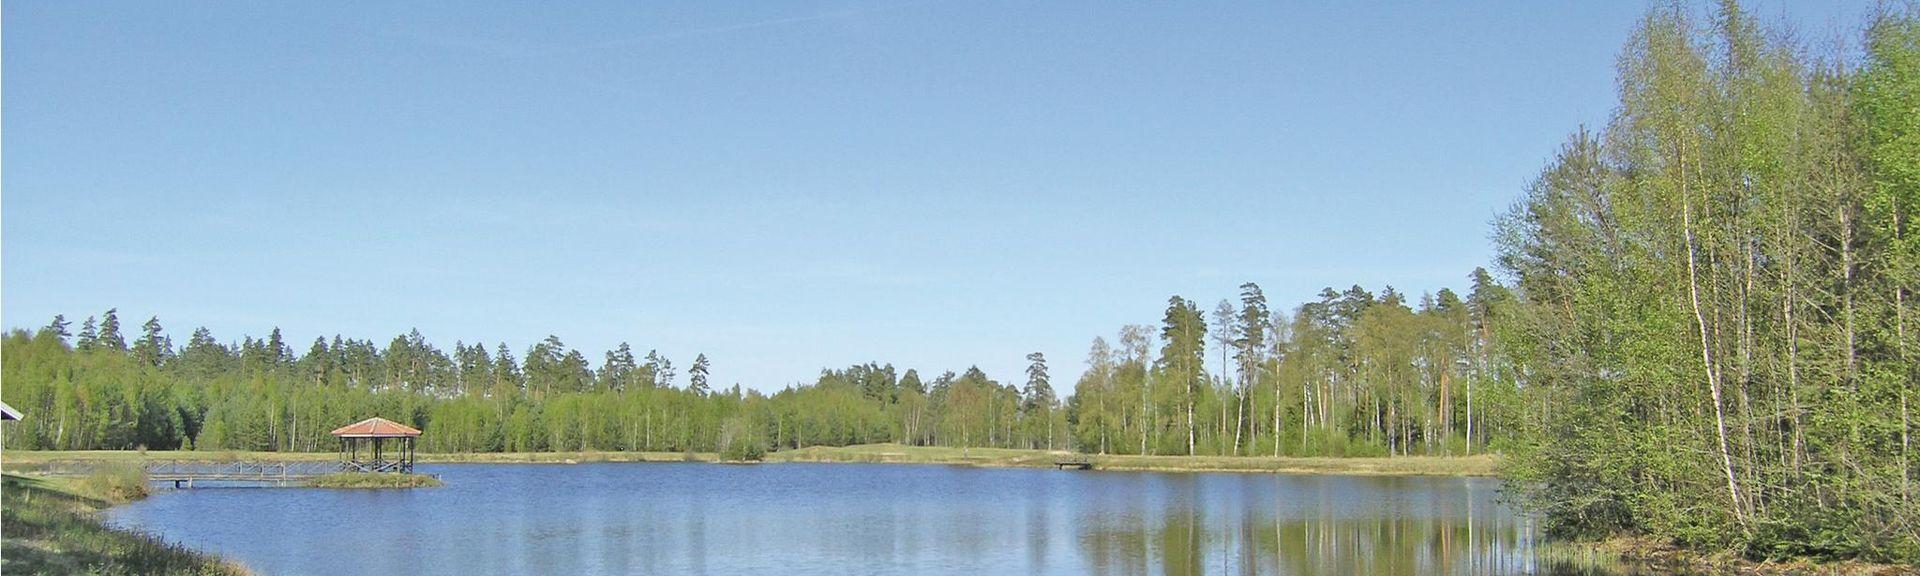 Gemeinde Tingsryd, Schweden